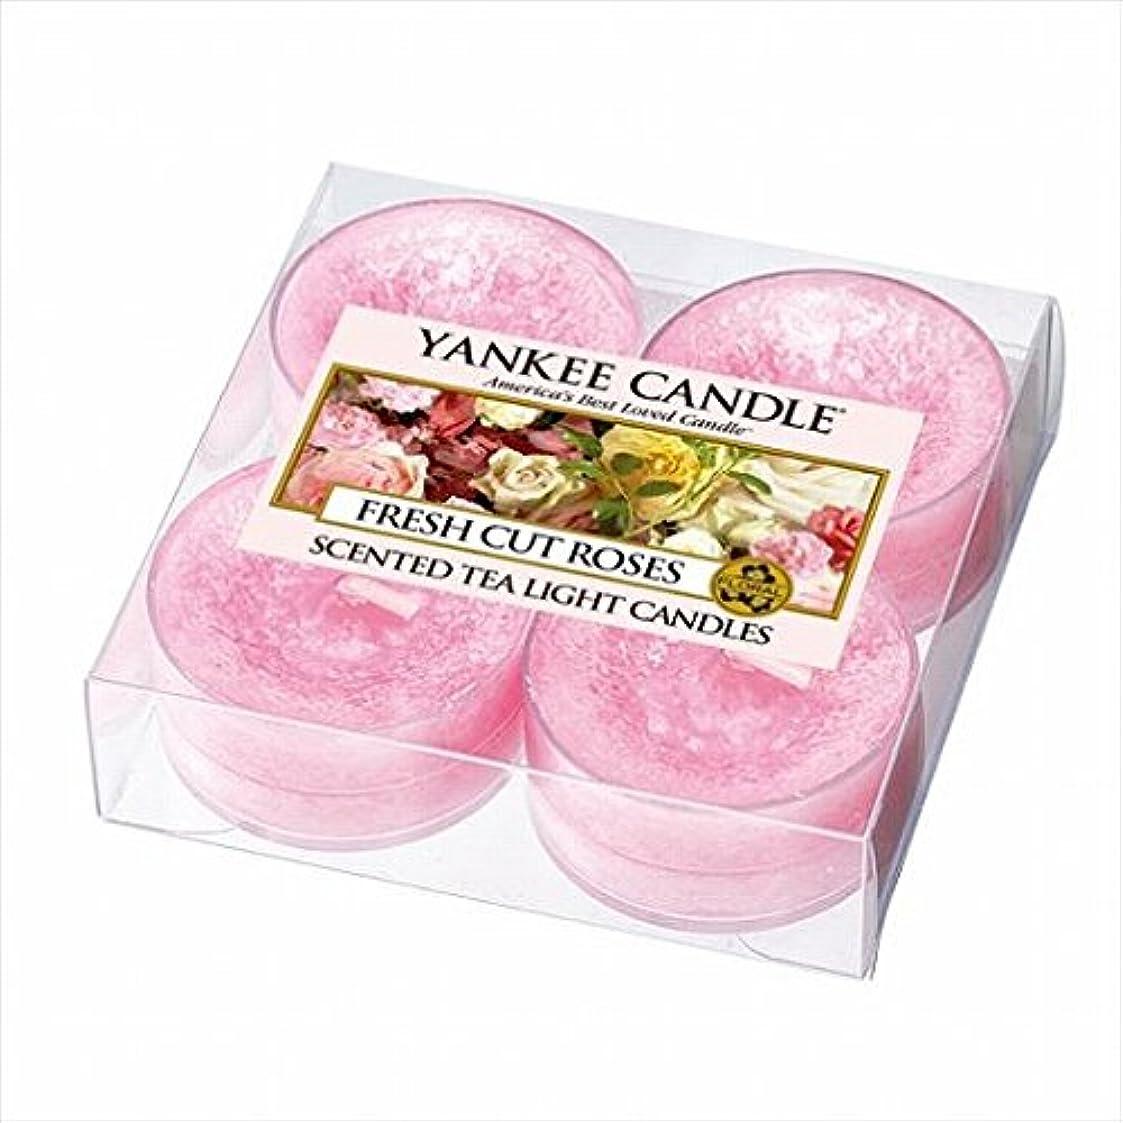 カメヤマキャンドル( kameyama candle ) YANKEE CANDLE クリアカップティーライト4個入り 「 フレッシュカットローズ 」